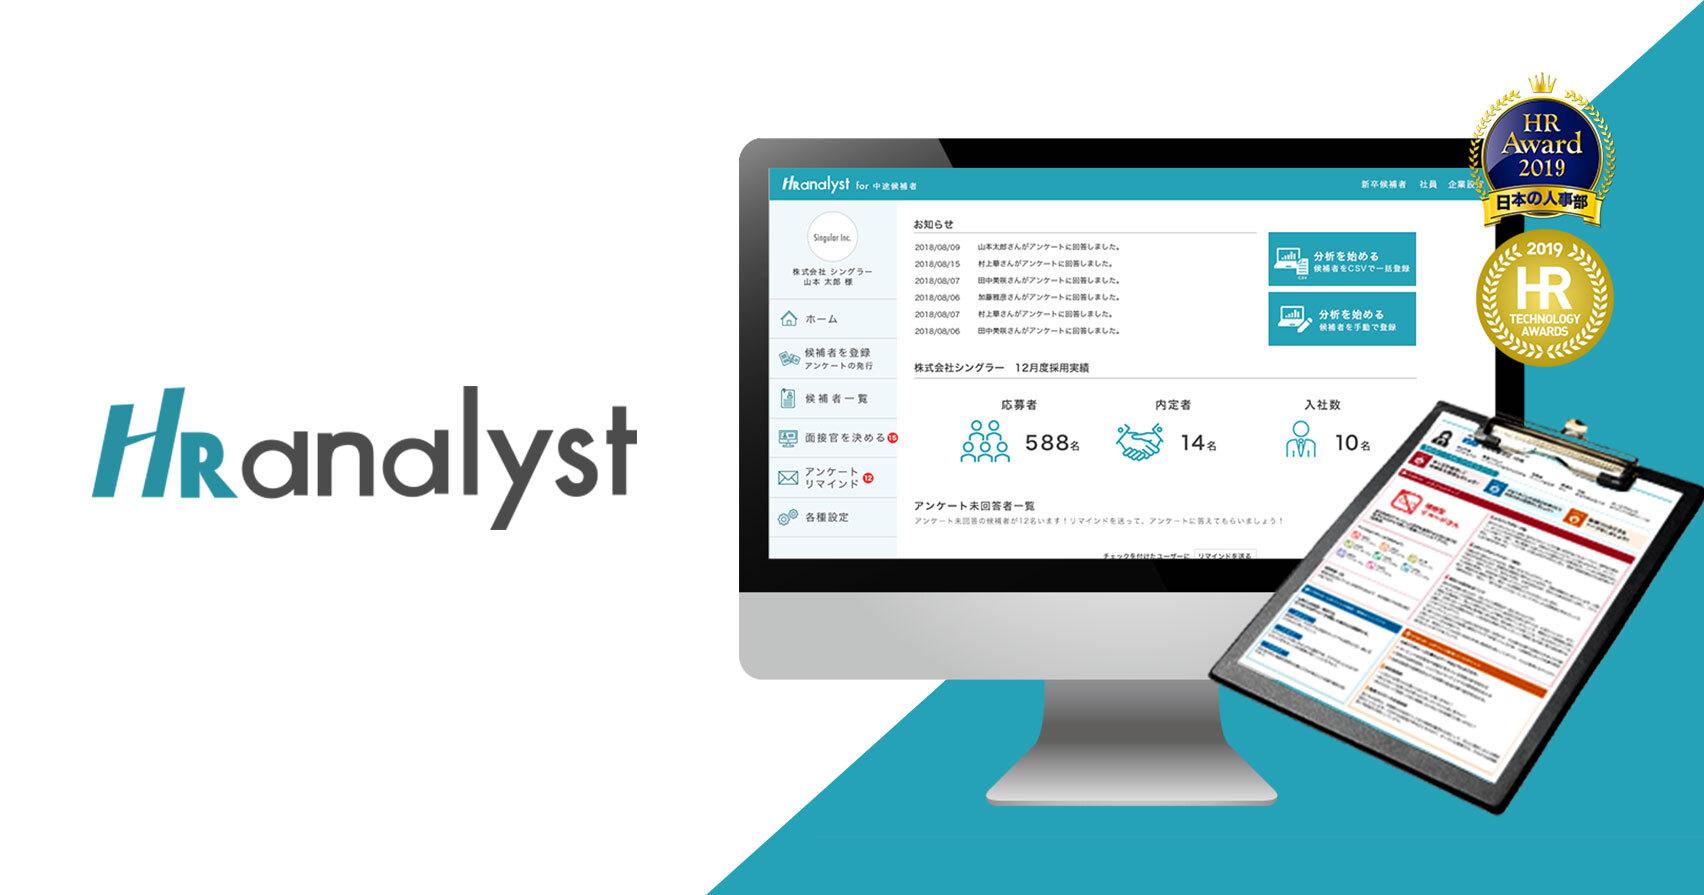 サービス管理画面および分析結果の出力デザインをリニューアルしました